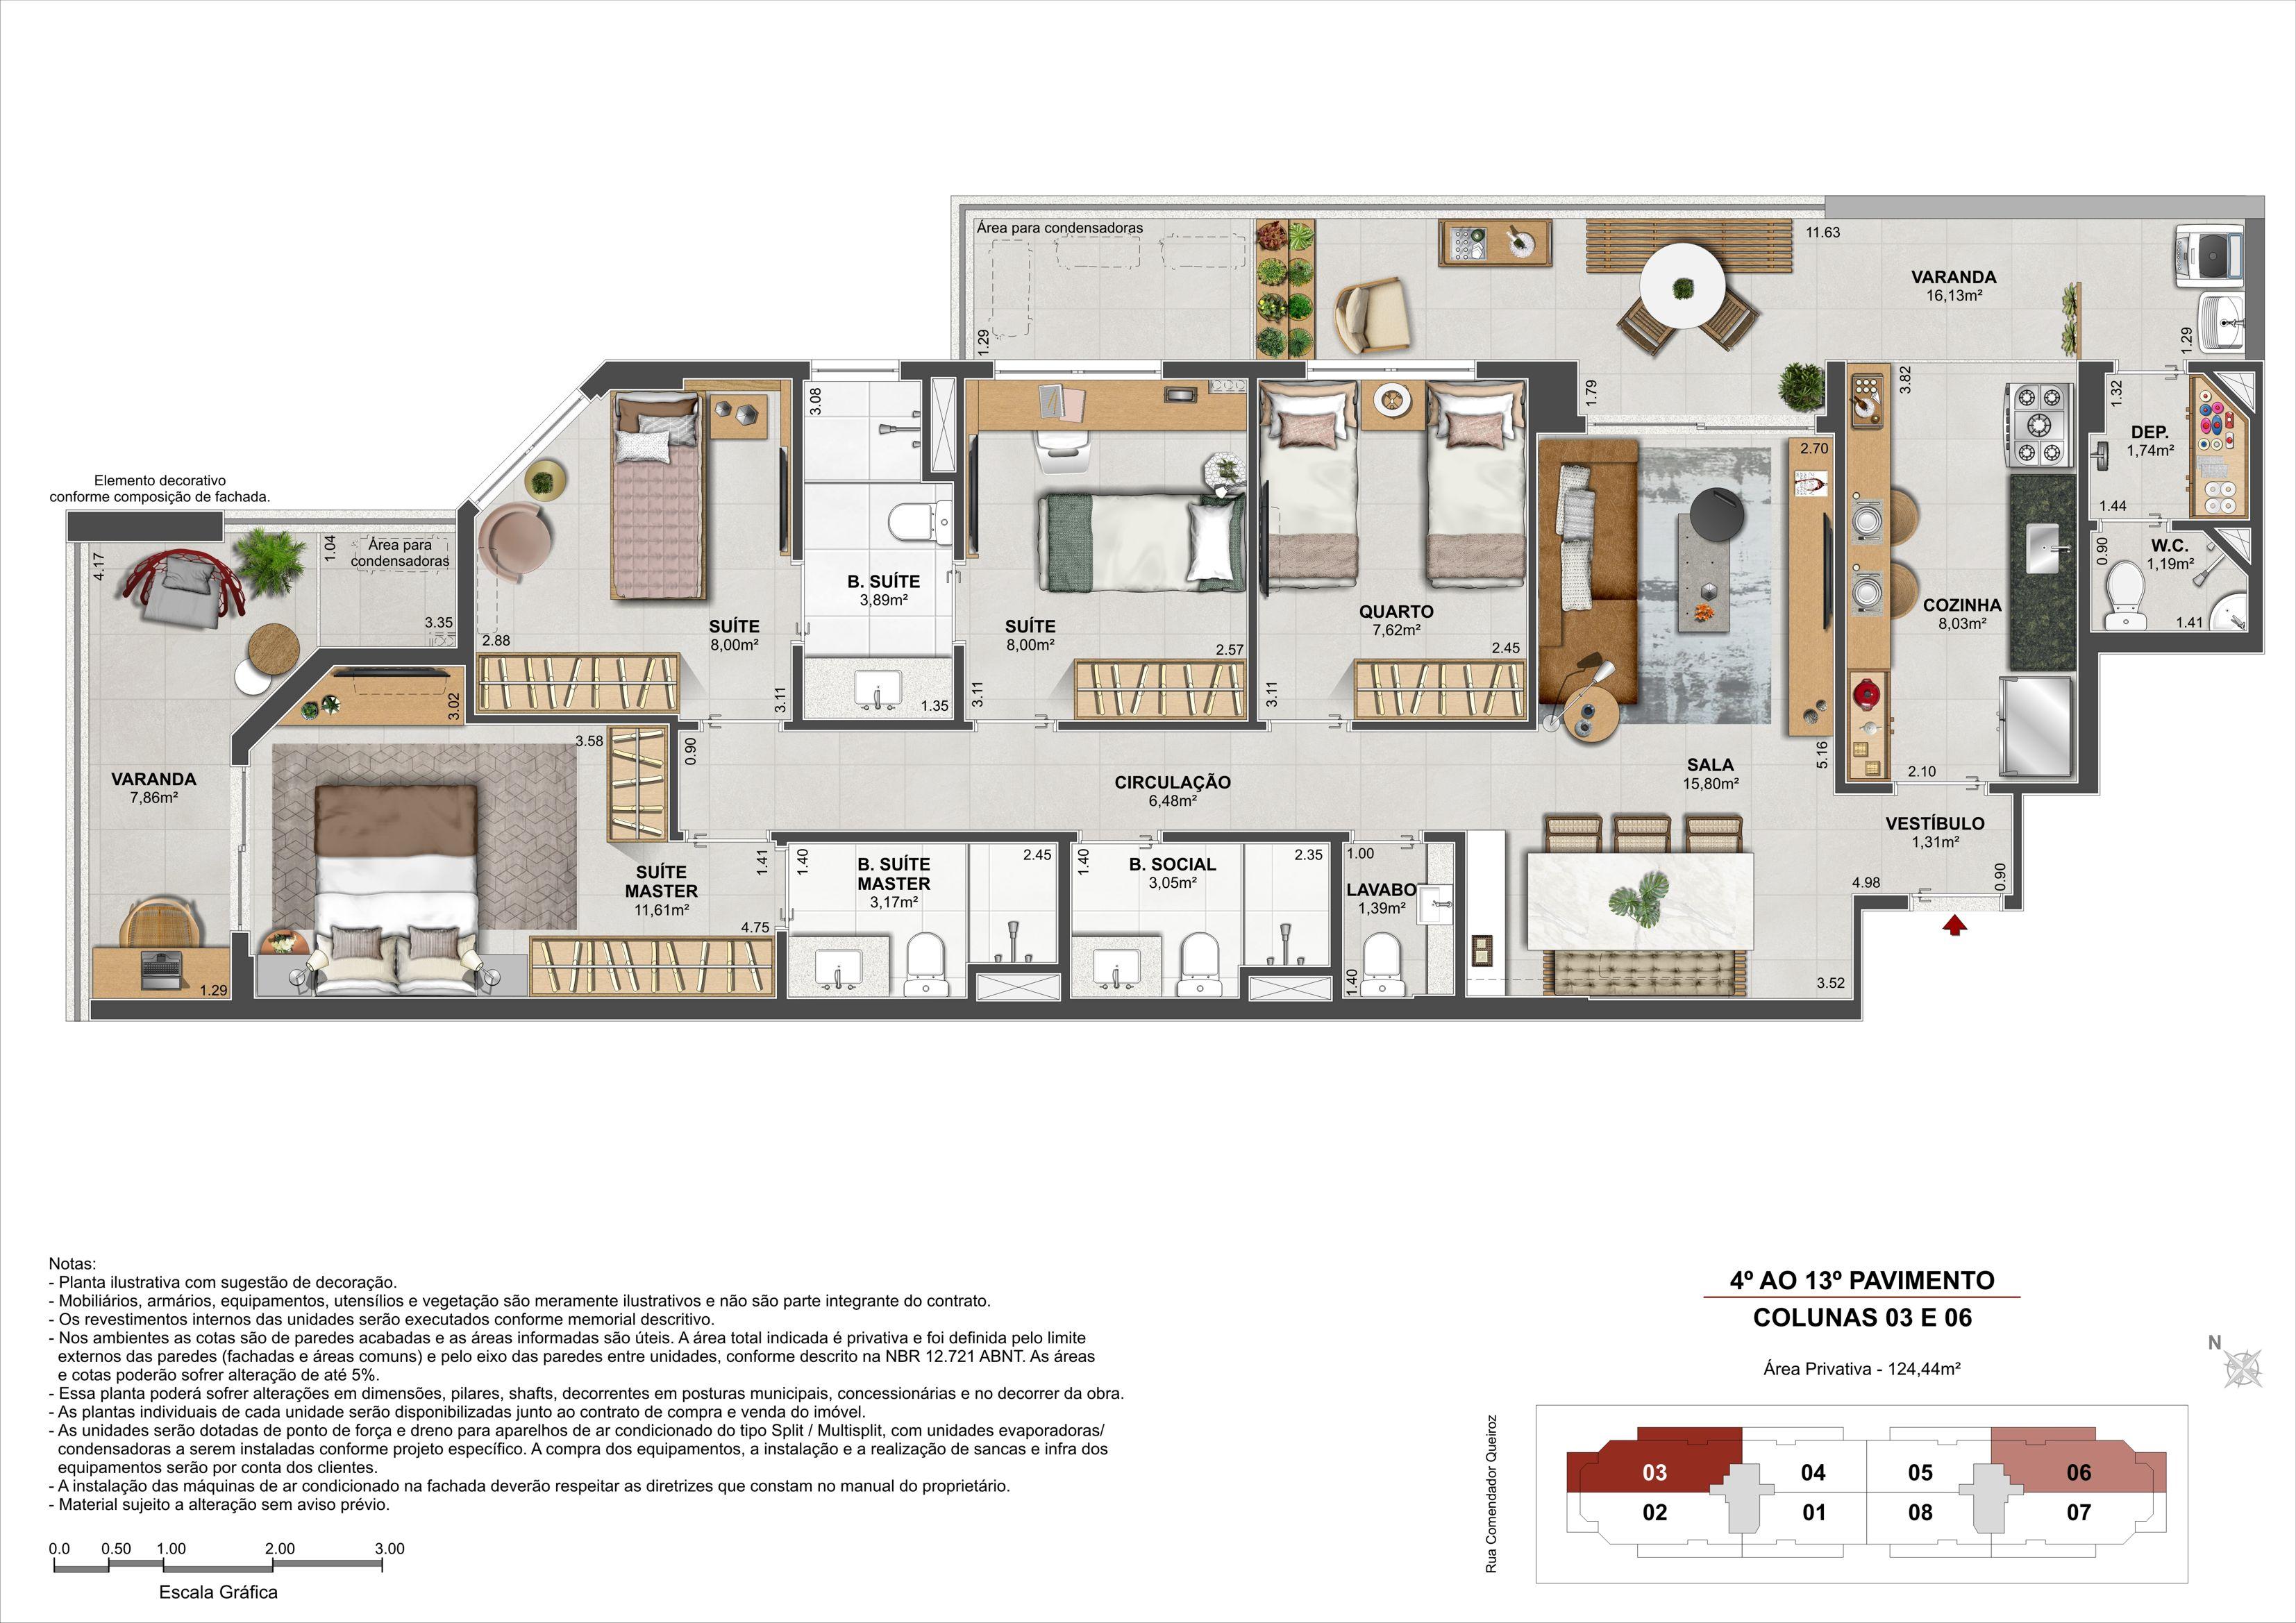 4 quartos - Área Privativa: 122,24m²